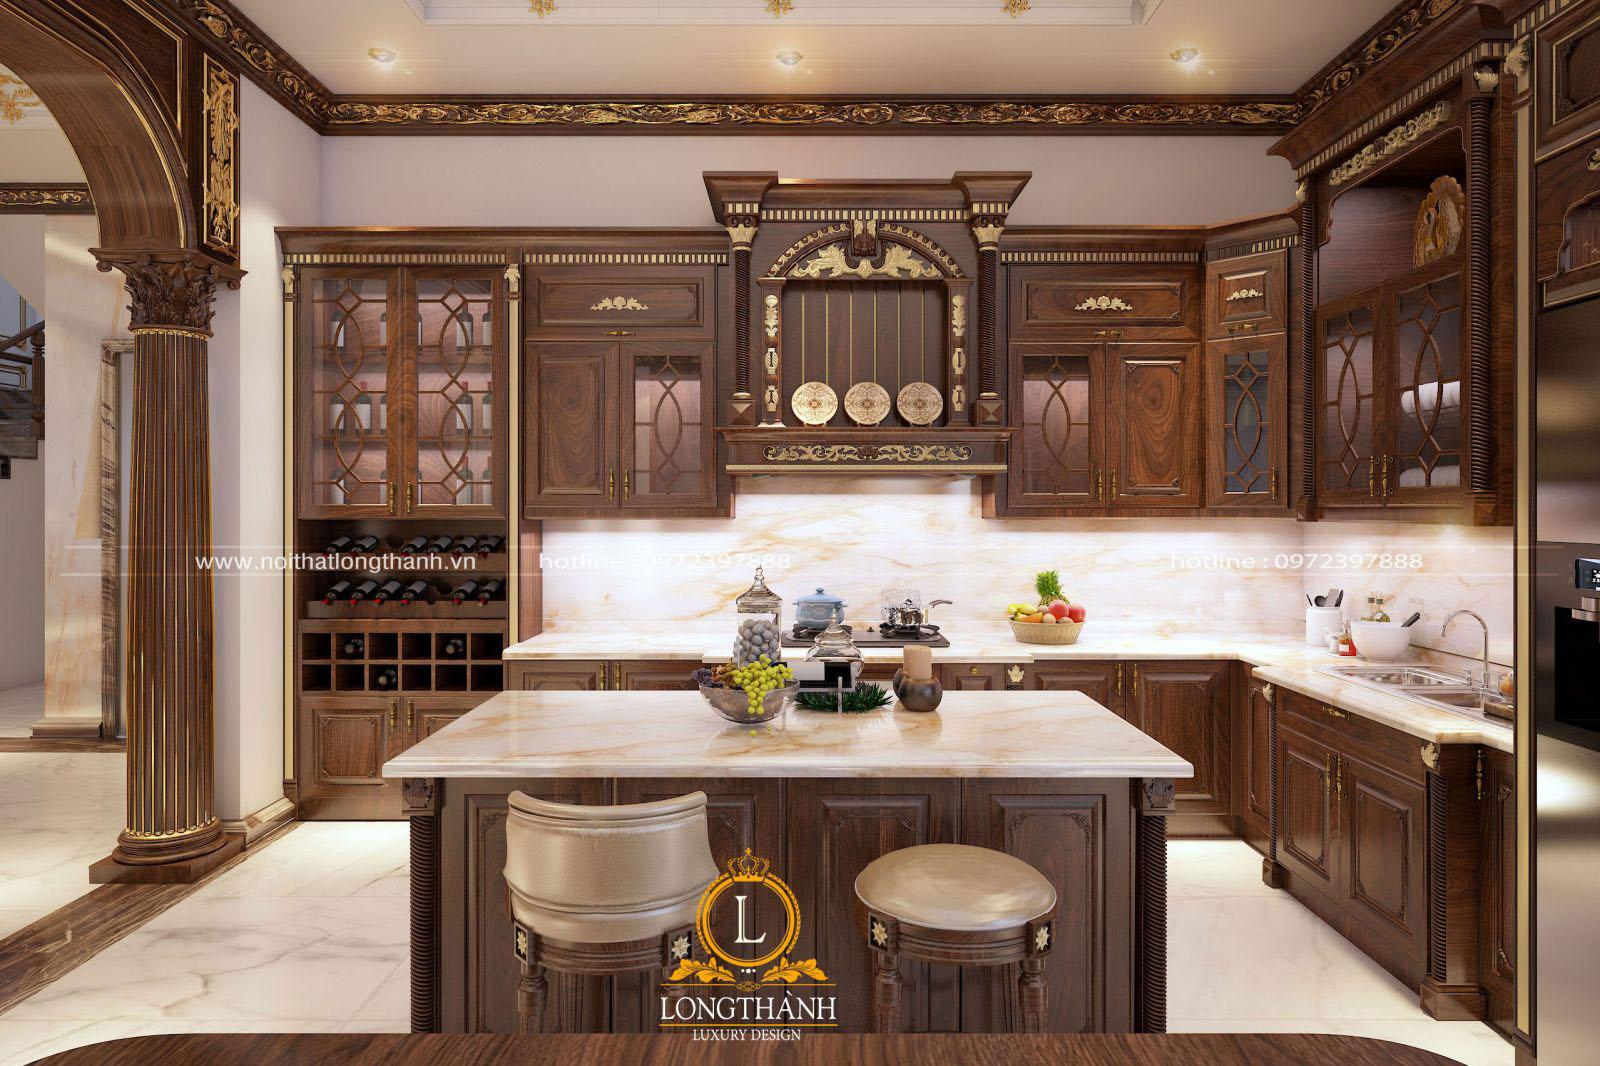 Mẫu tủ bếp dát vàng hoa văn sang trọng cho nhà biệt thự